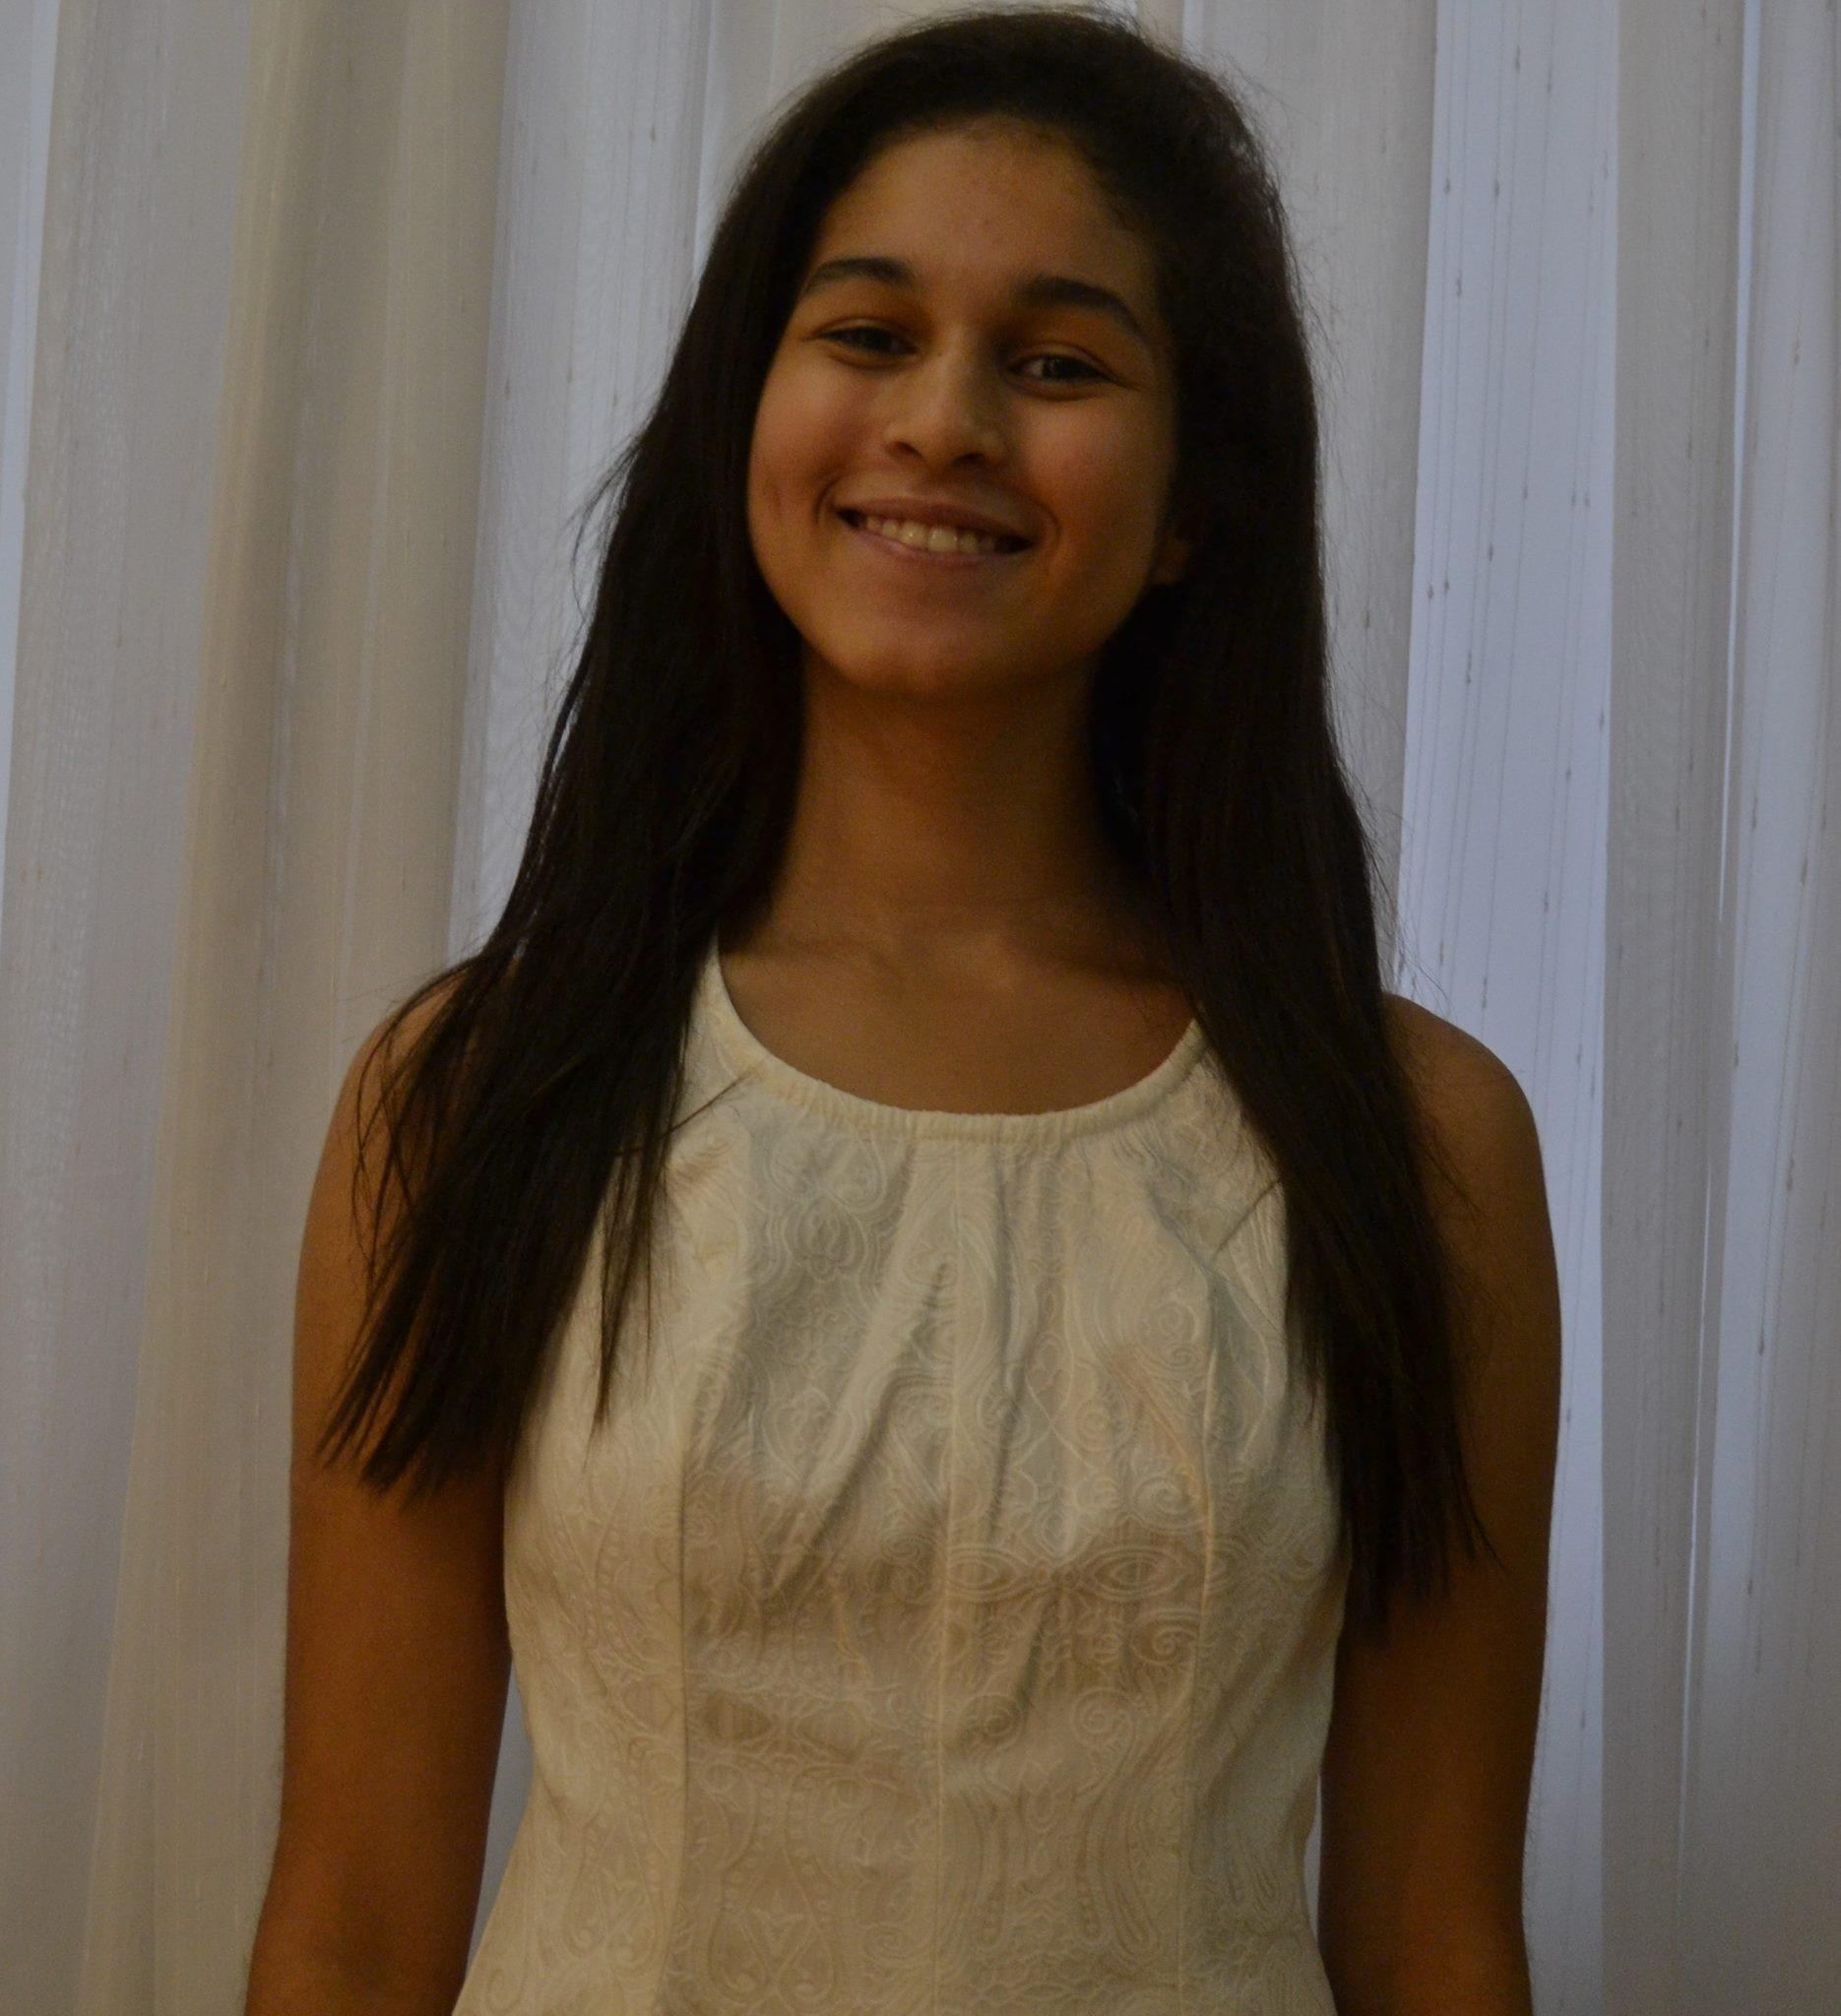 Ana Carolina Queiroz, de 18 anos, representará o Brasil no evento Girls(20) (Foto: Acervo Pessoal )